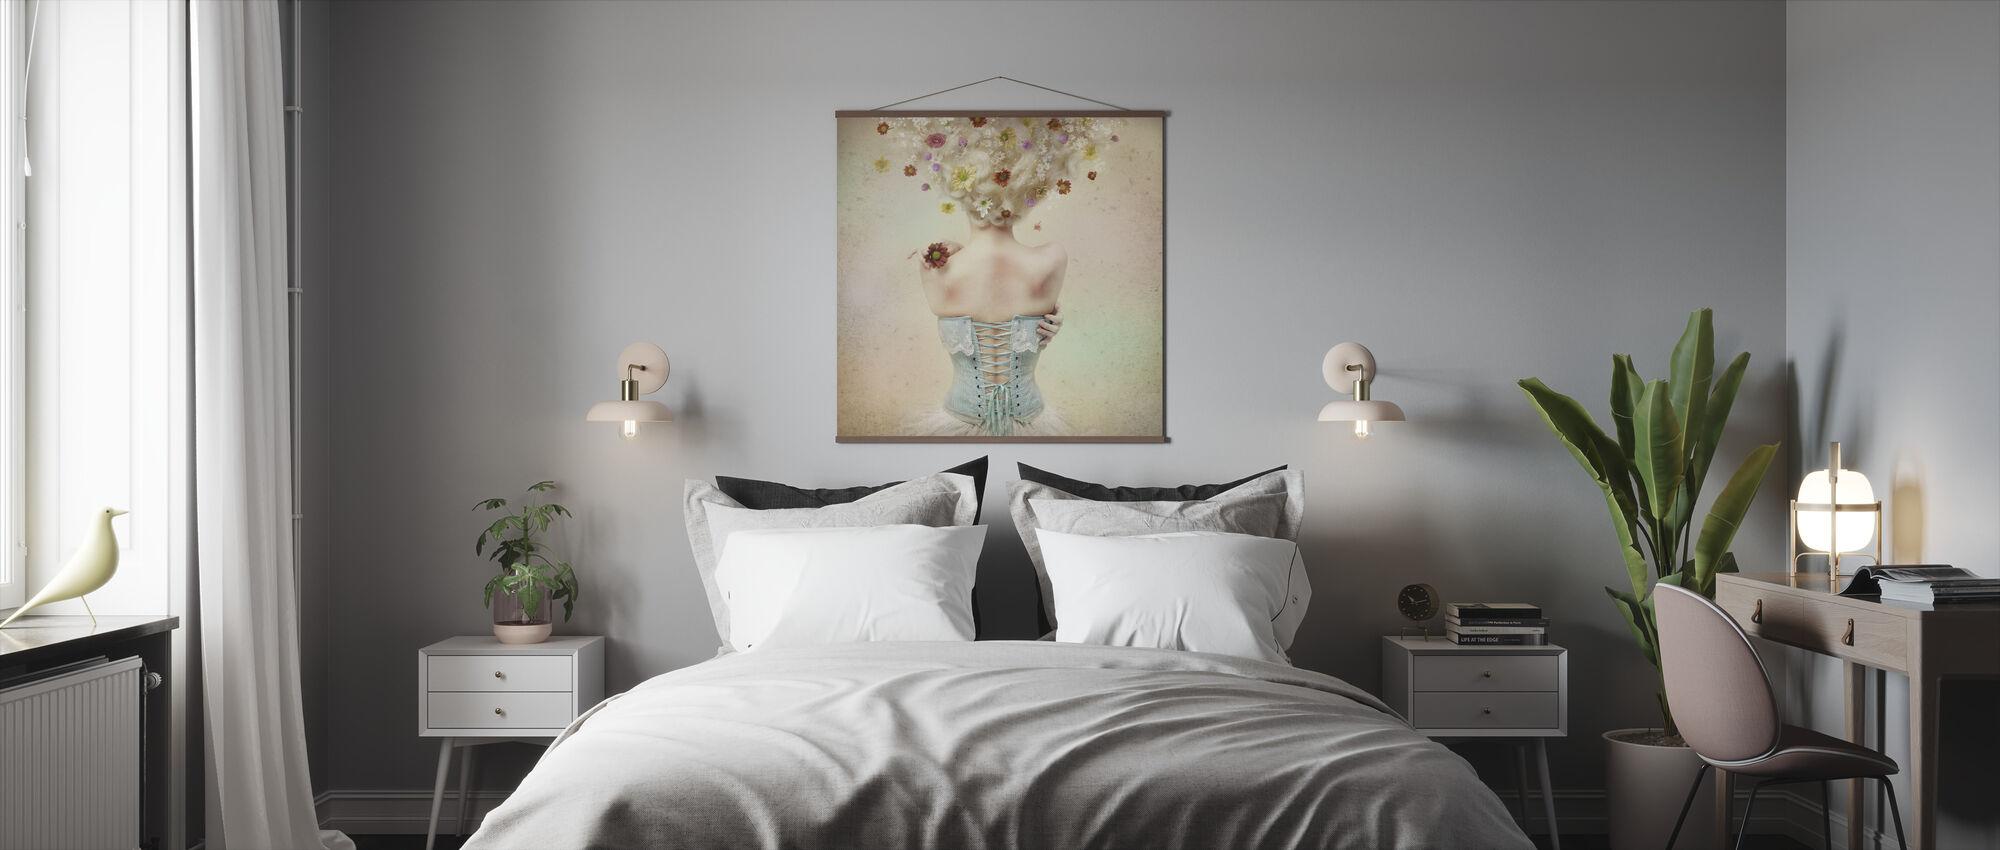 Girl of the Flower Garden - Poster - Bedroom